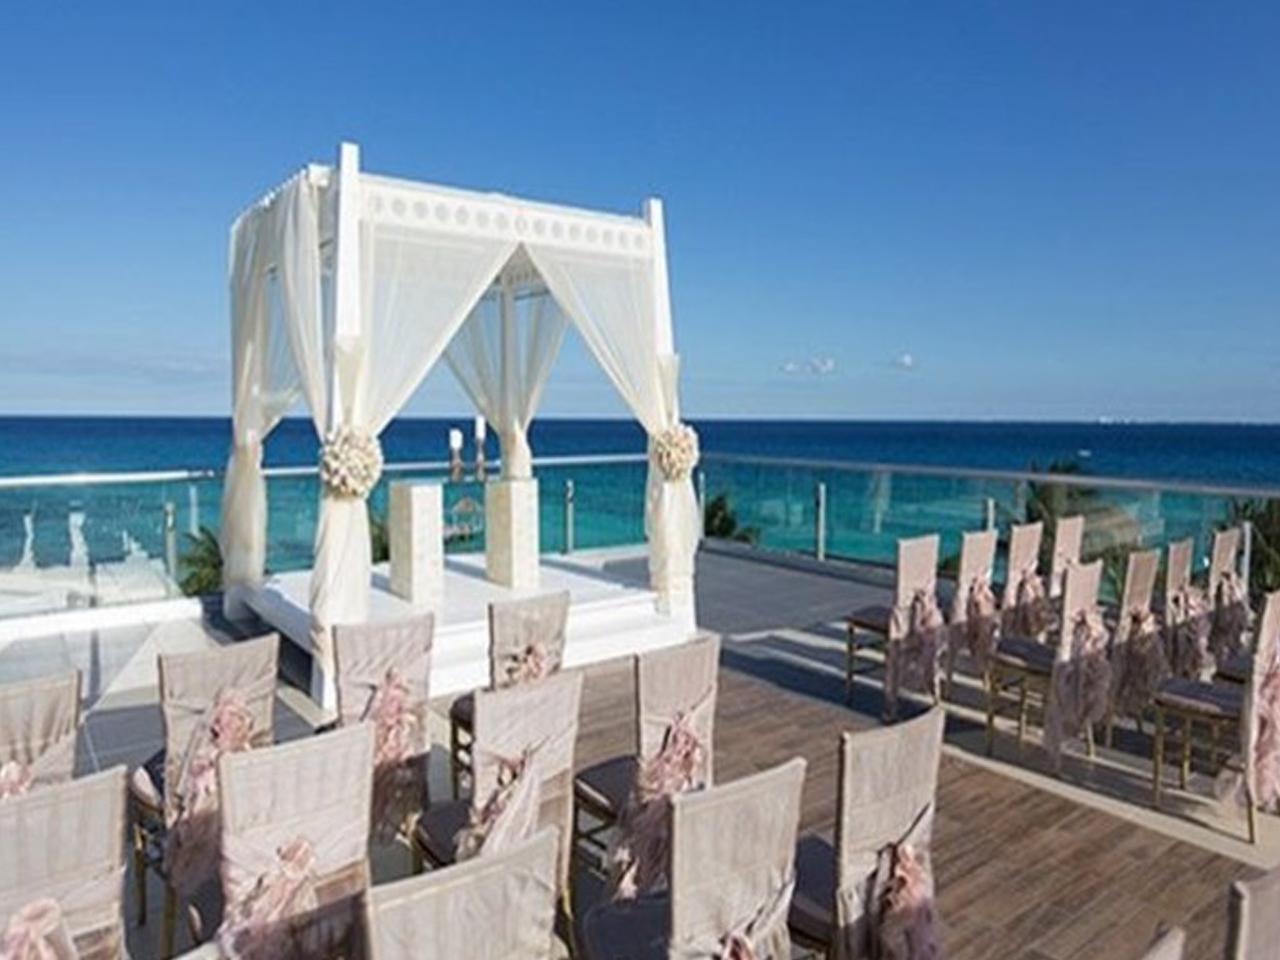 Bodas en la playa paquetes - boda religiosa